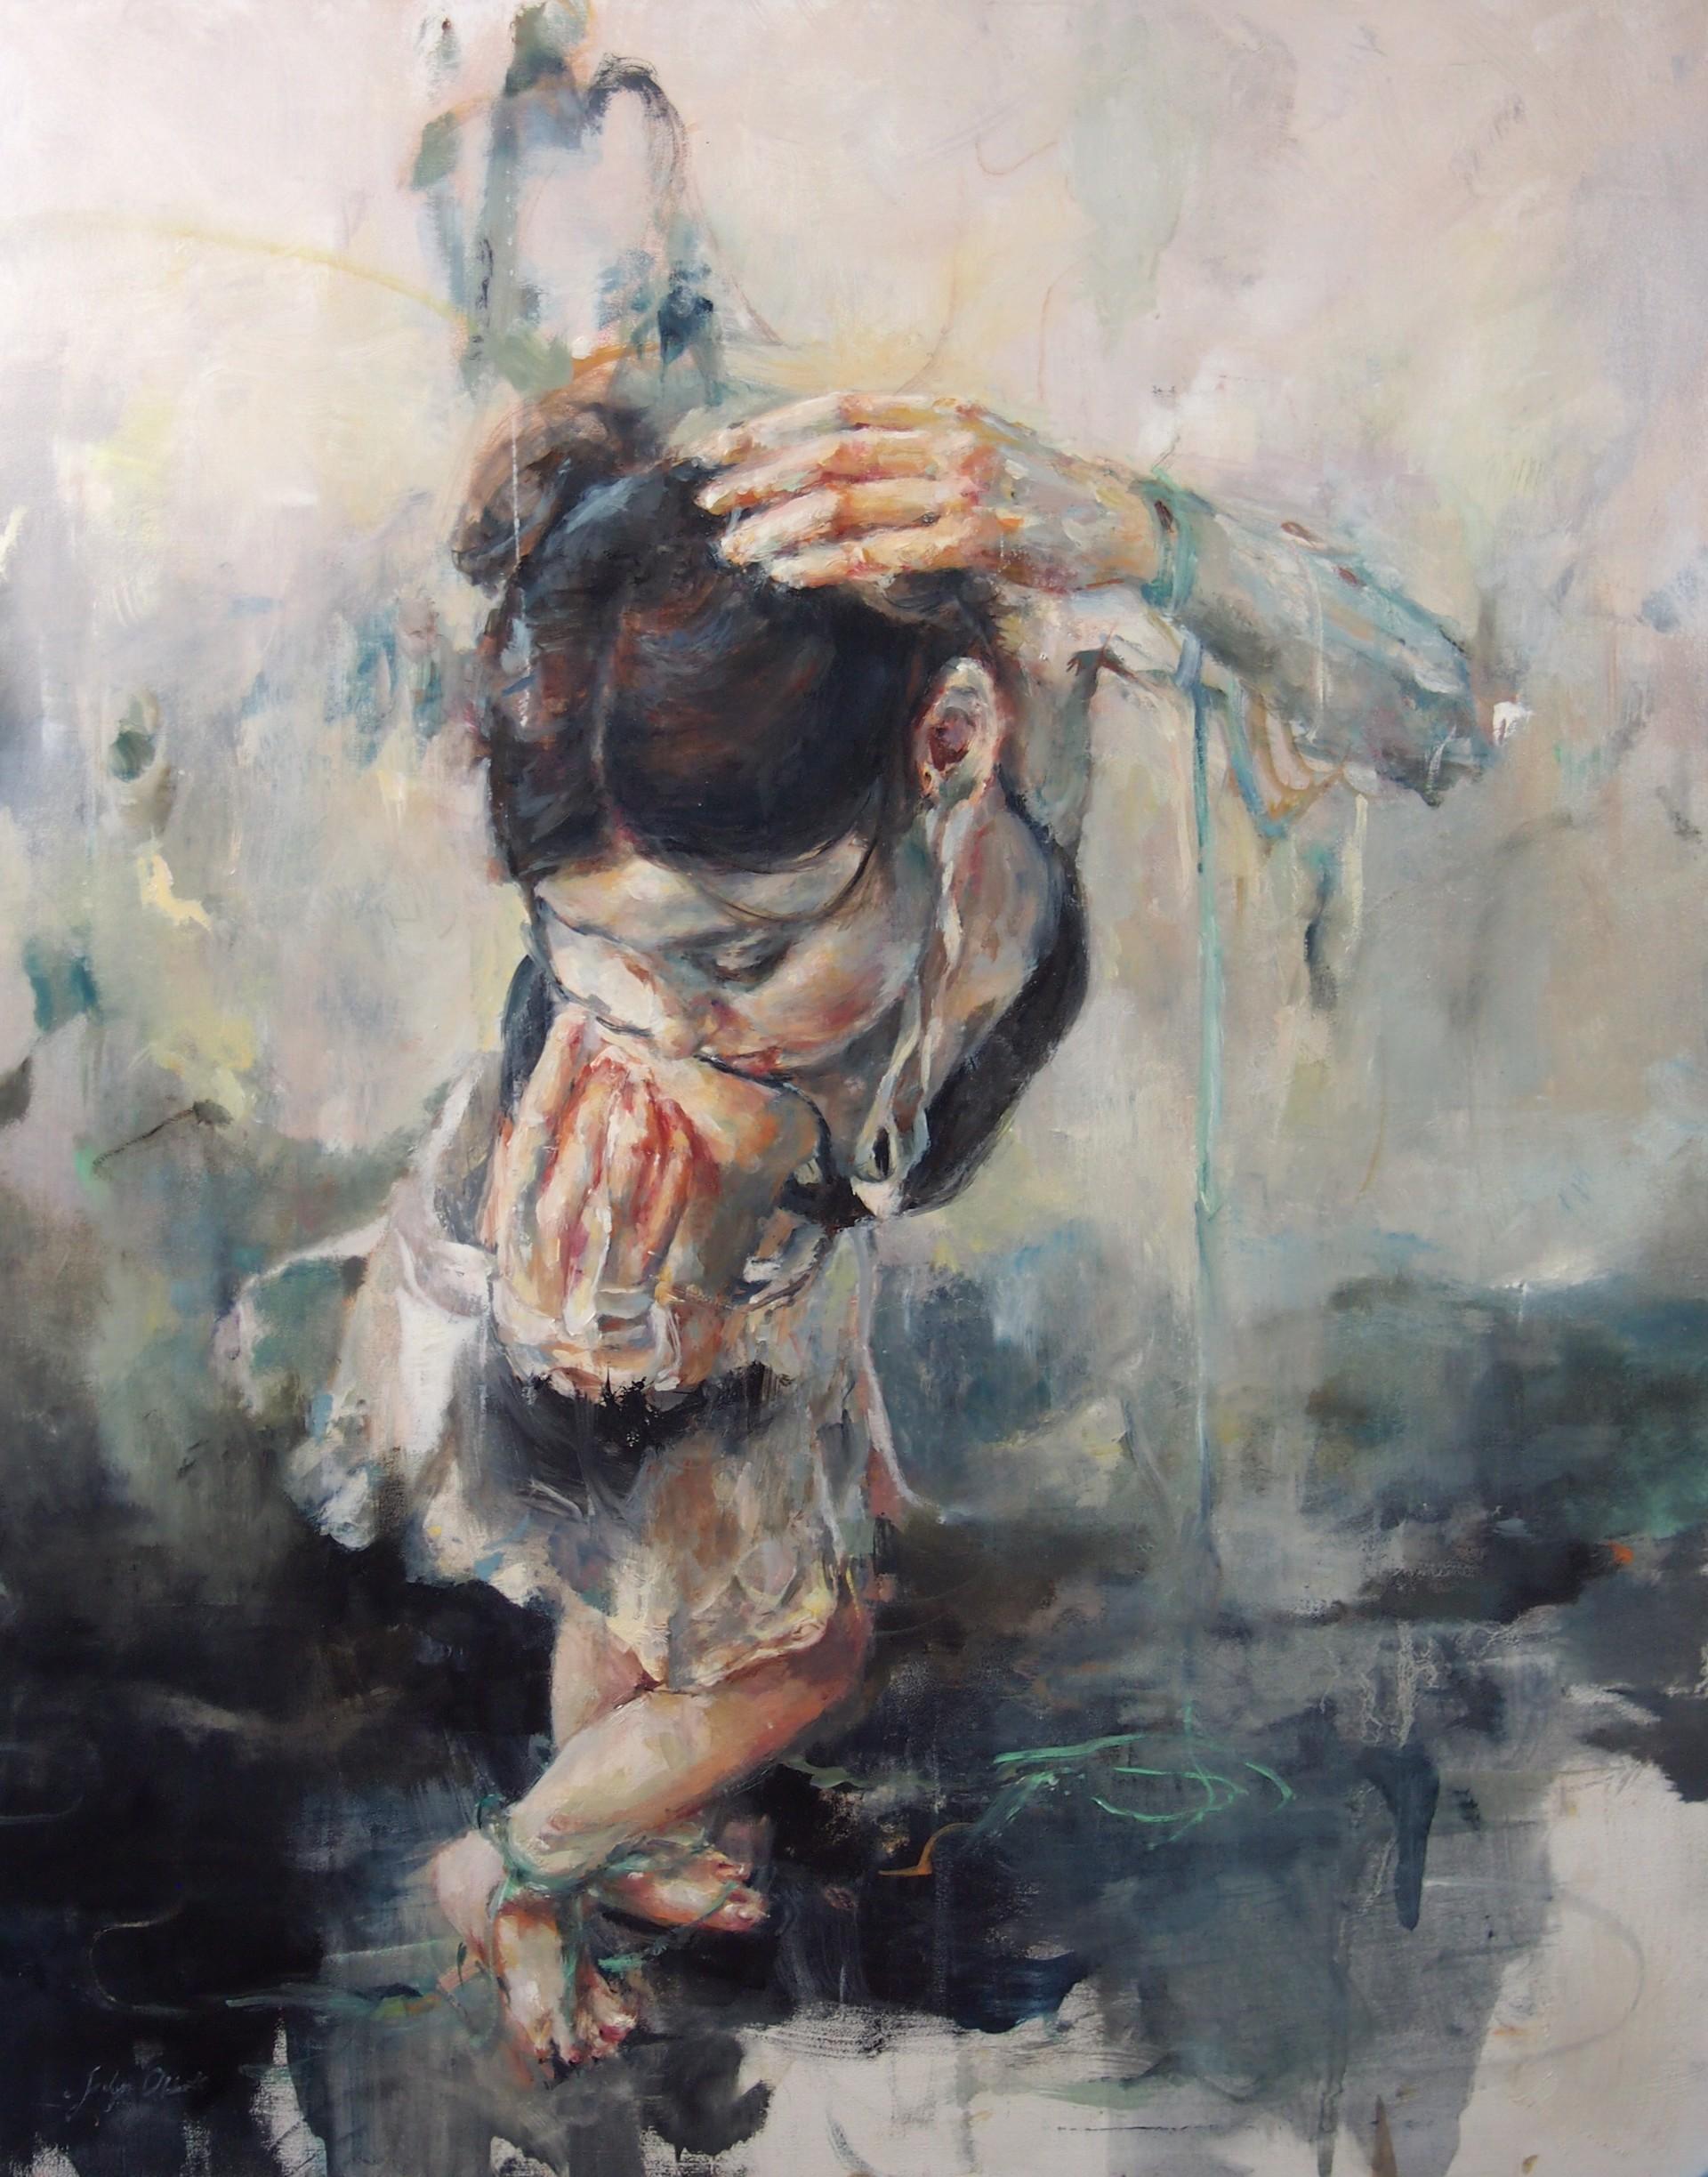 Respite by Jaclyn Alderete